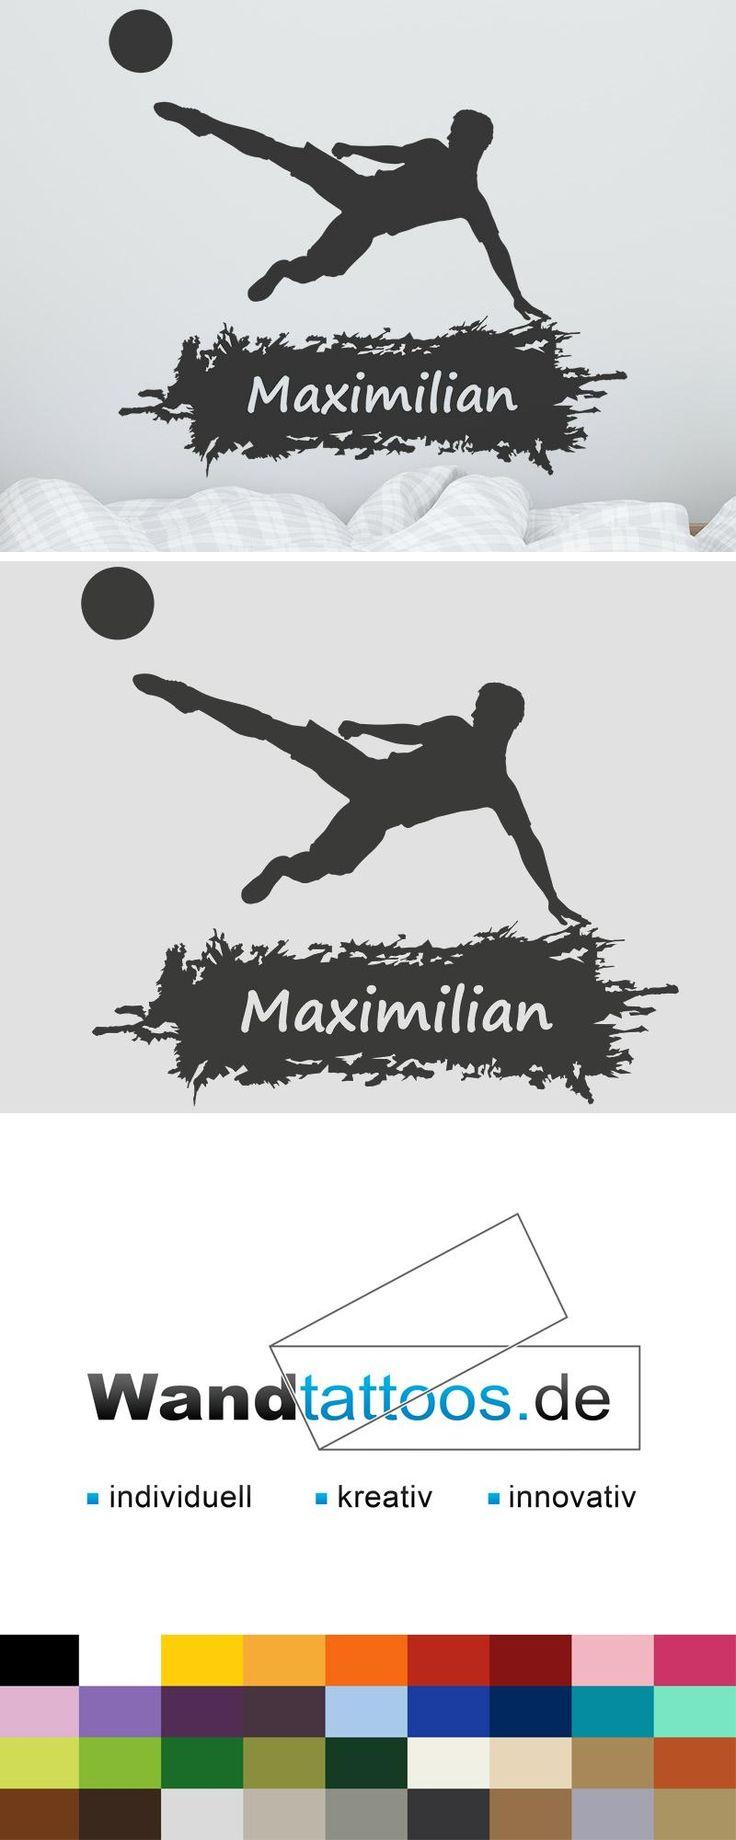 Wandtattoo Fußball mit Name als Idee zur individuellen Wandgestaltung. Einfach Lieblingsfarbe und Größe auswählen. Weitere kreative Anregungen von Wandtattoos.de hier entdecken!